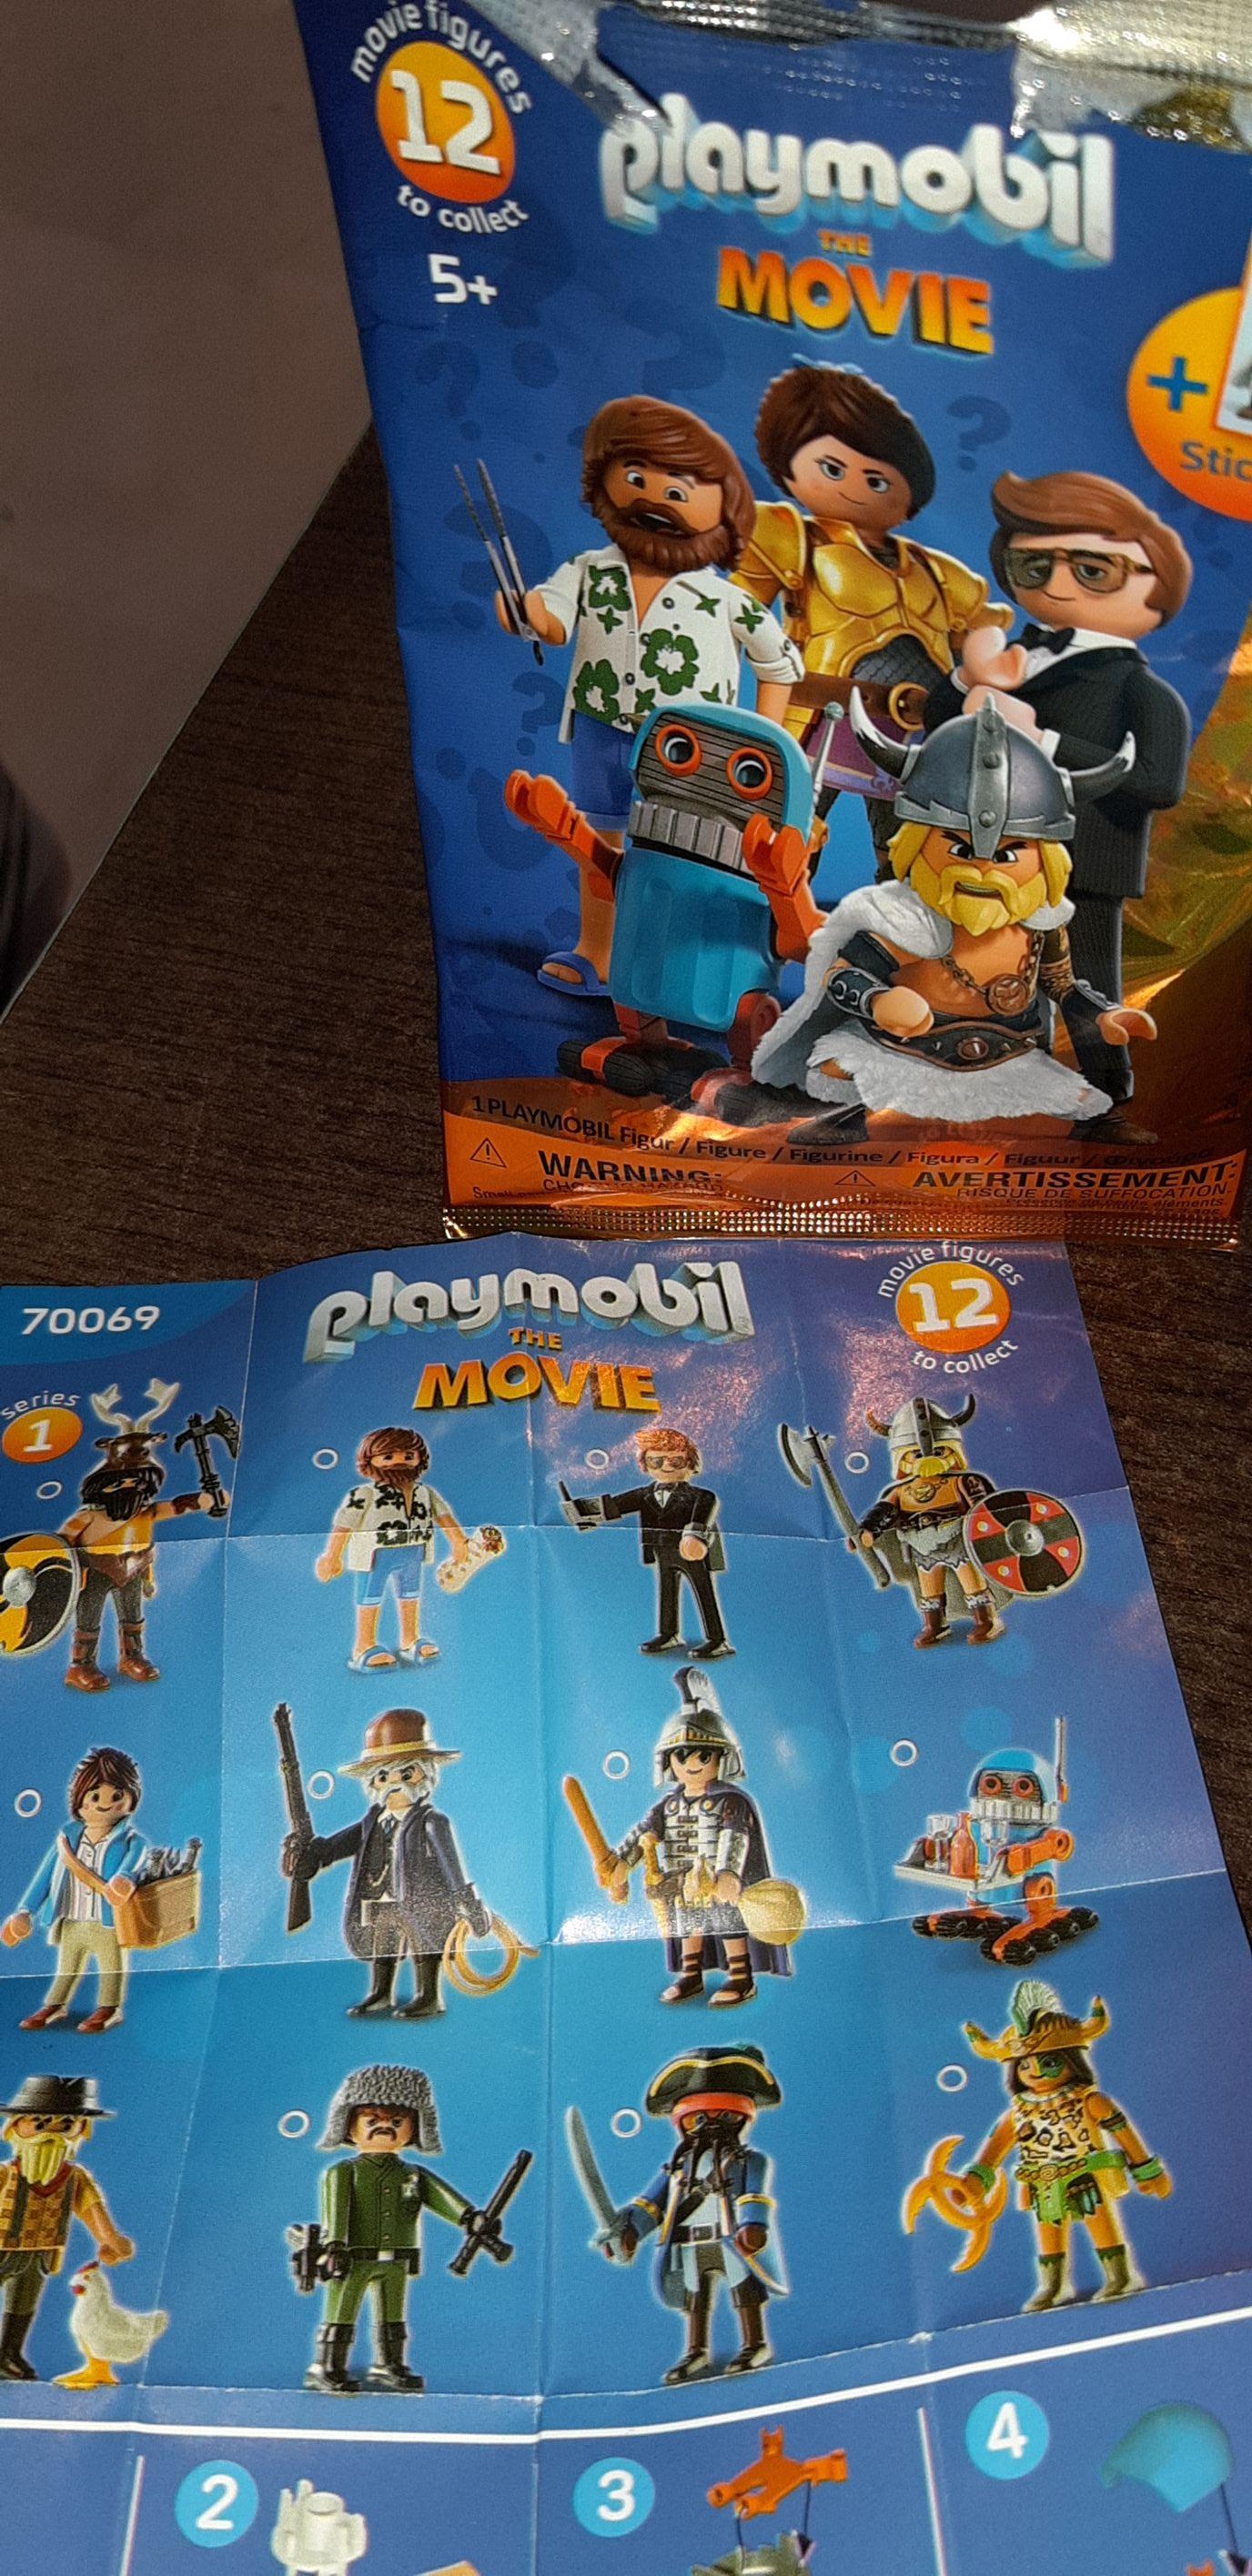 Playmobil series 1 The Movie